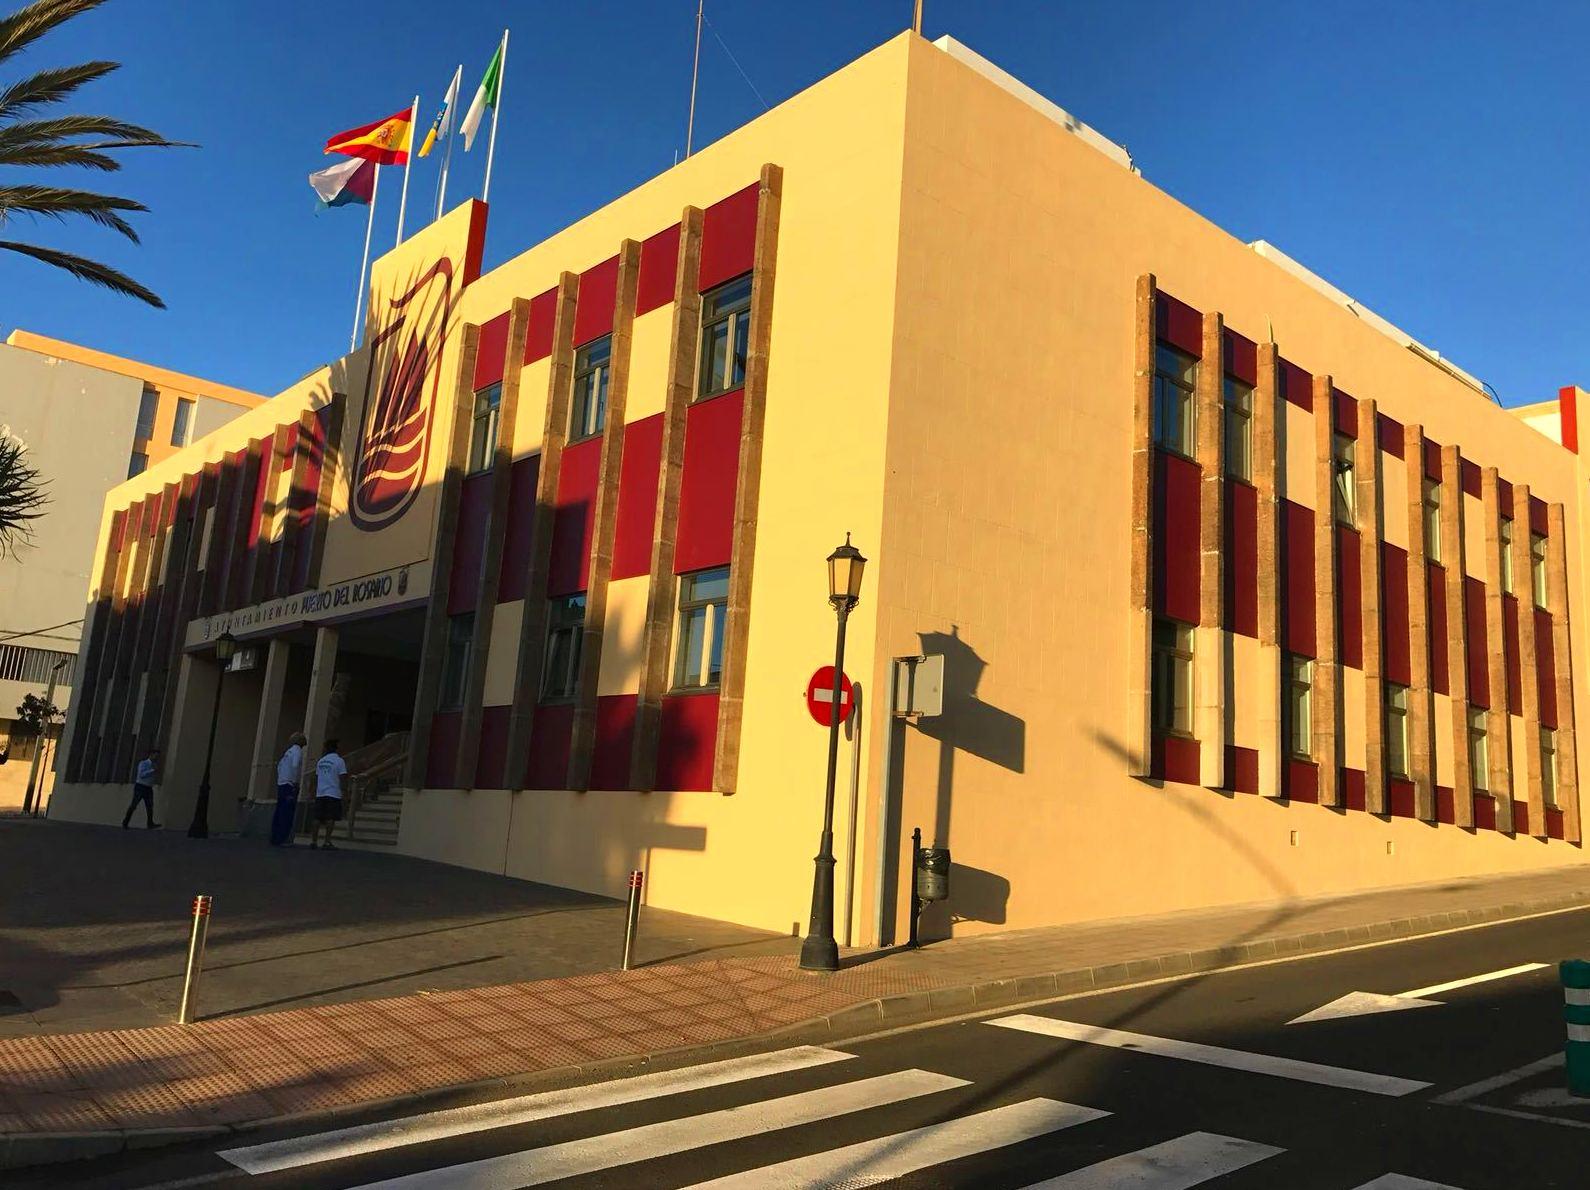 Rehabilitación y pintado de fachada. (Ayuntamiento de Puerto del Rosario, Fuerteventura)